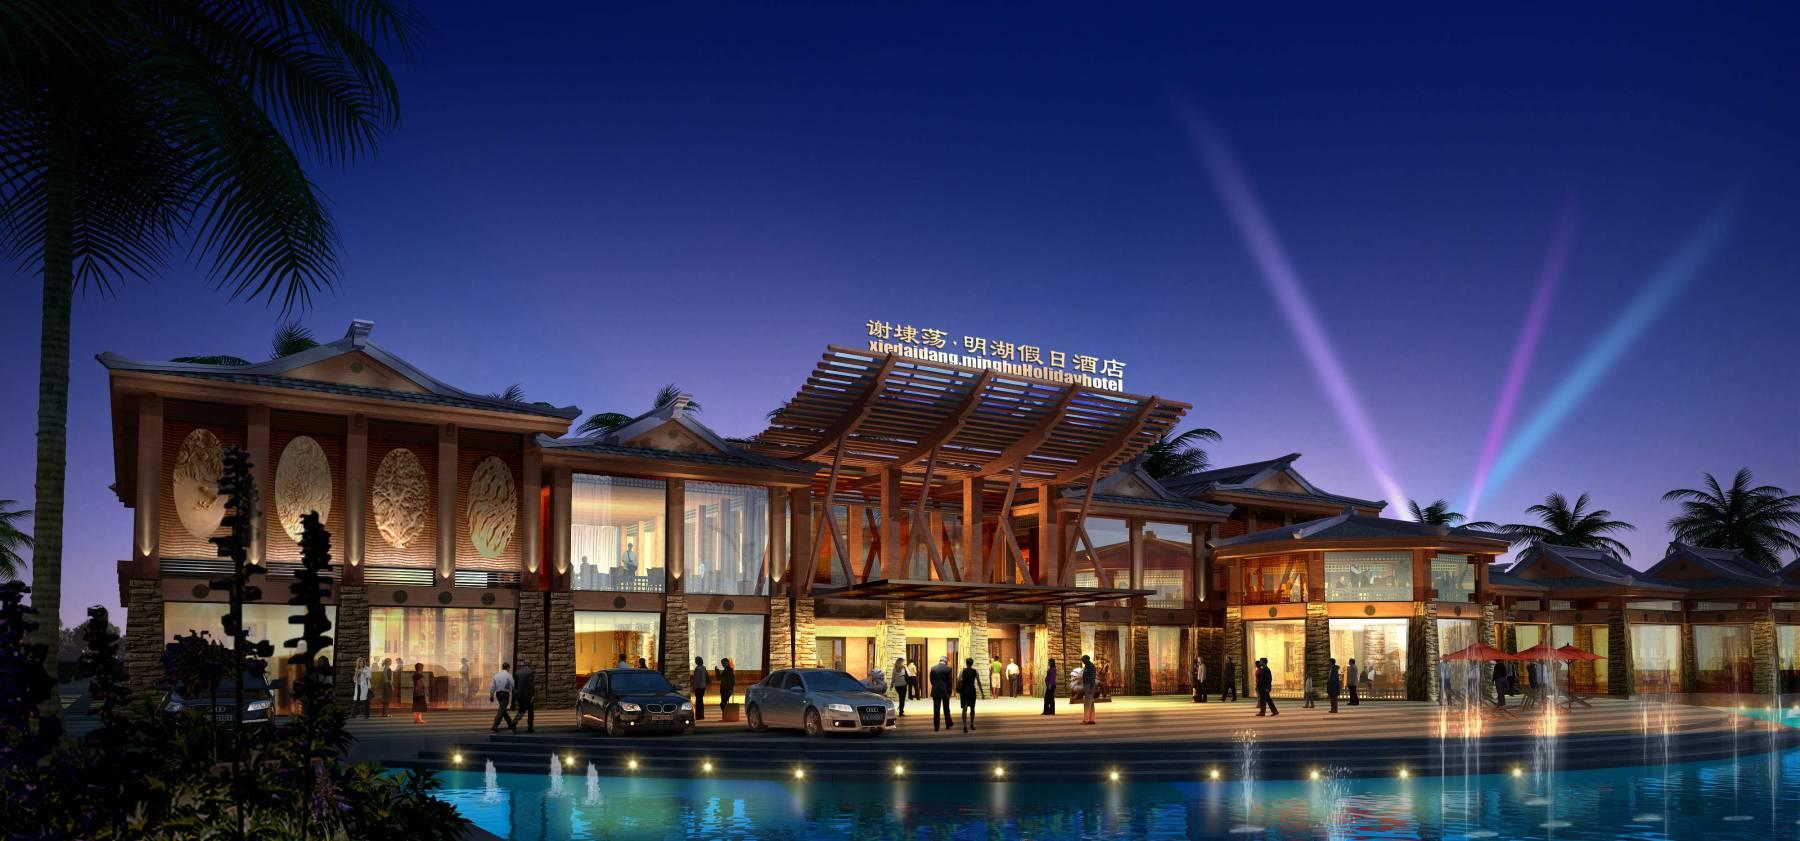 明湖假日酒店